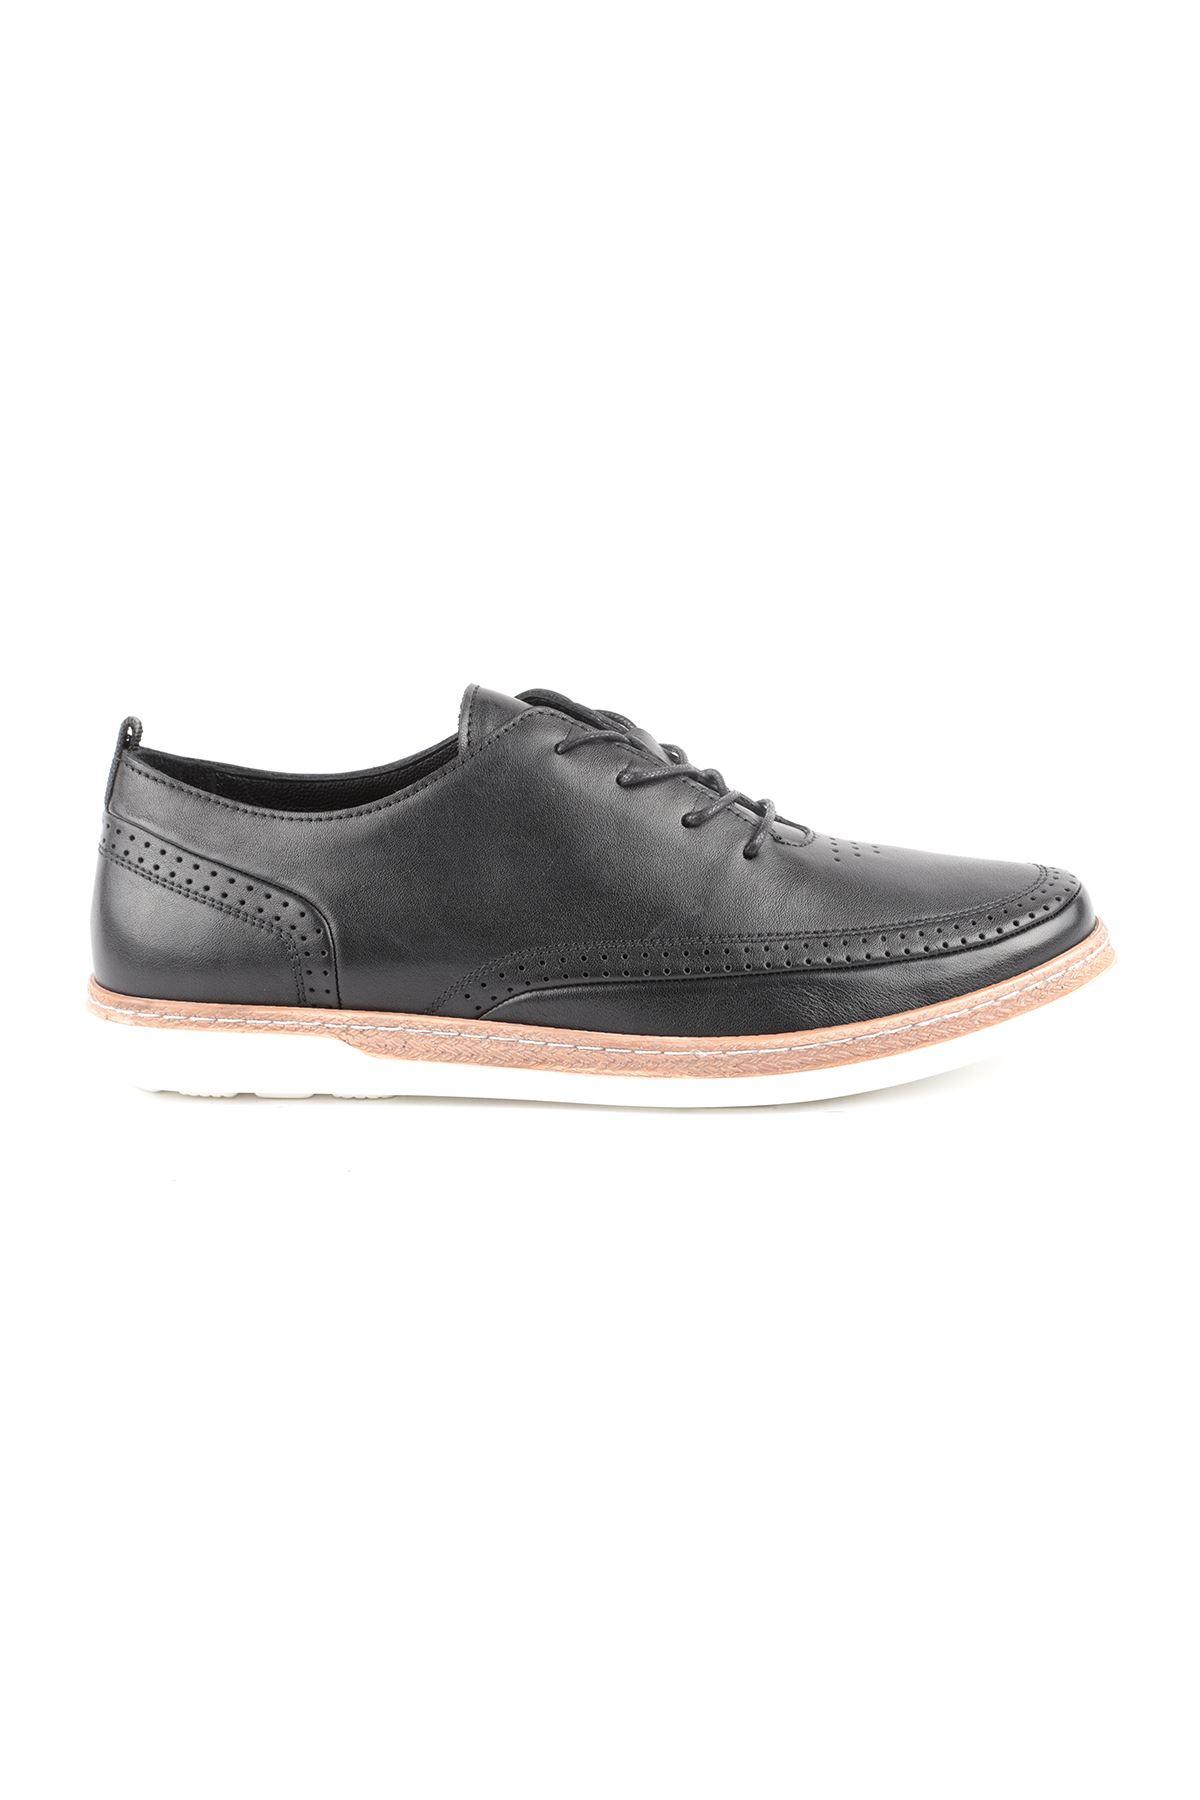 Libero L3633 Black Casual Men Shoes